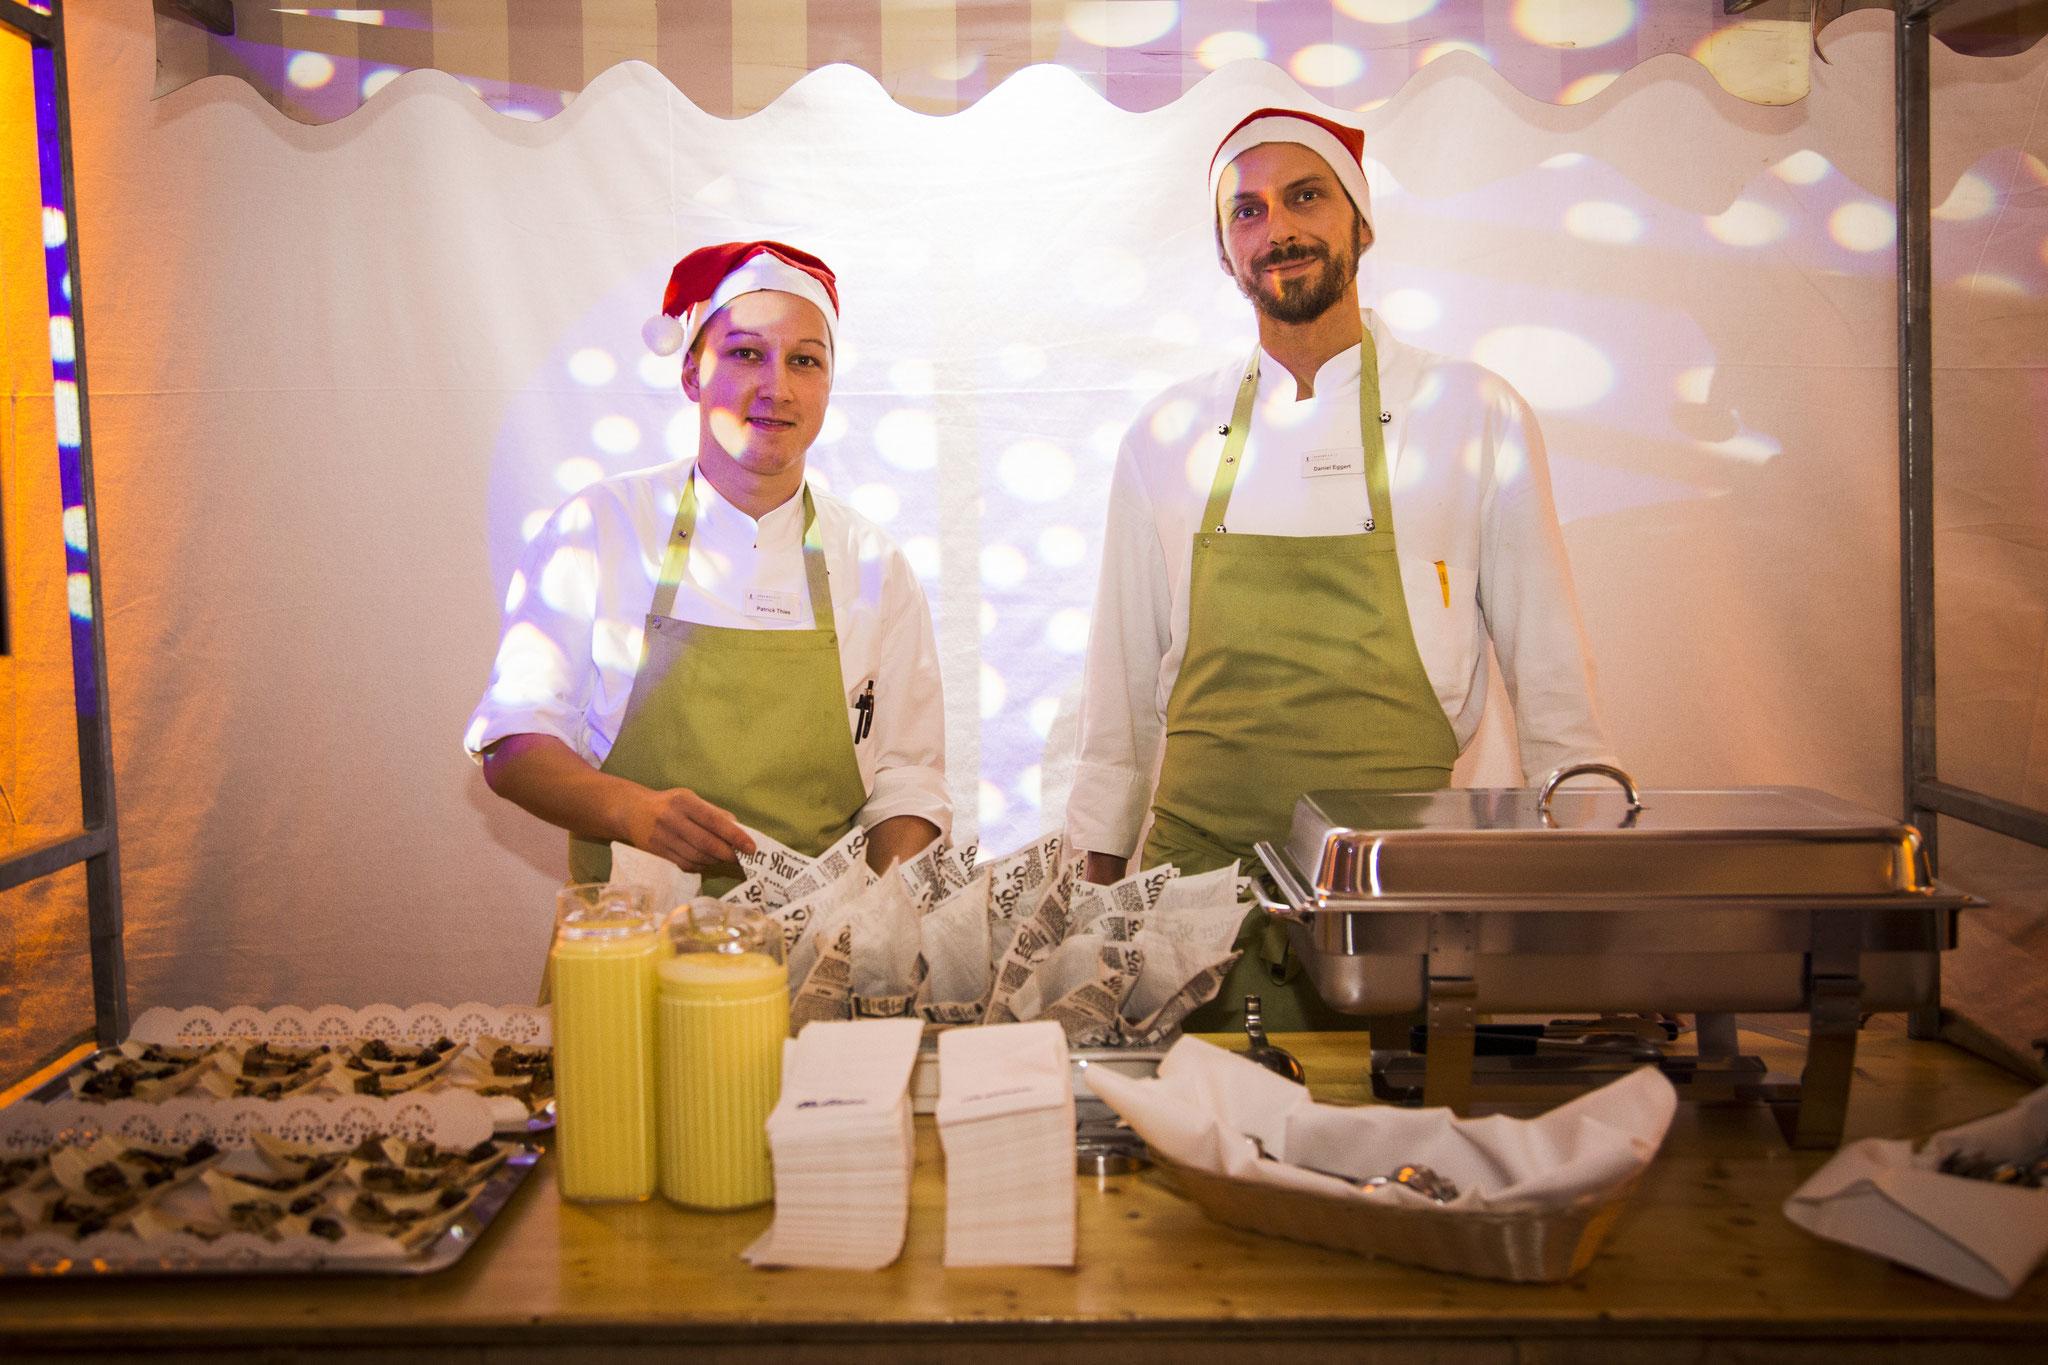 <h2>Unsere freundlichen Köche</h2> verwöhnen mit leckerem Live Catering an Indoorständen in Köln die Besucher.